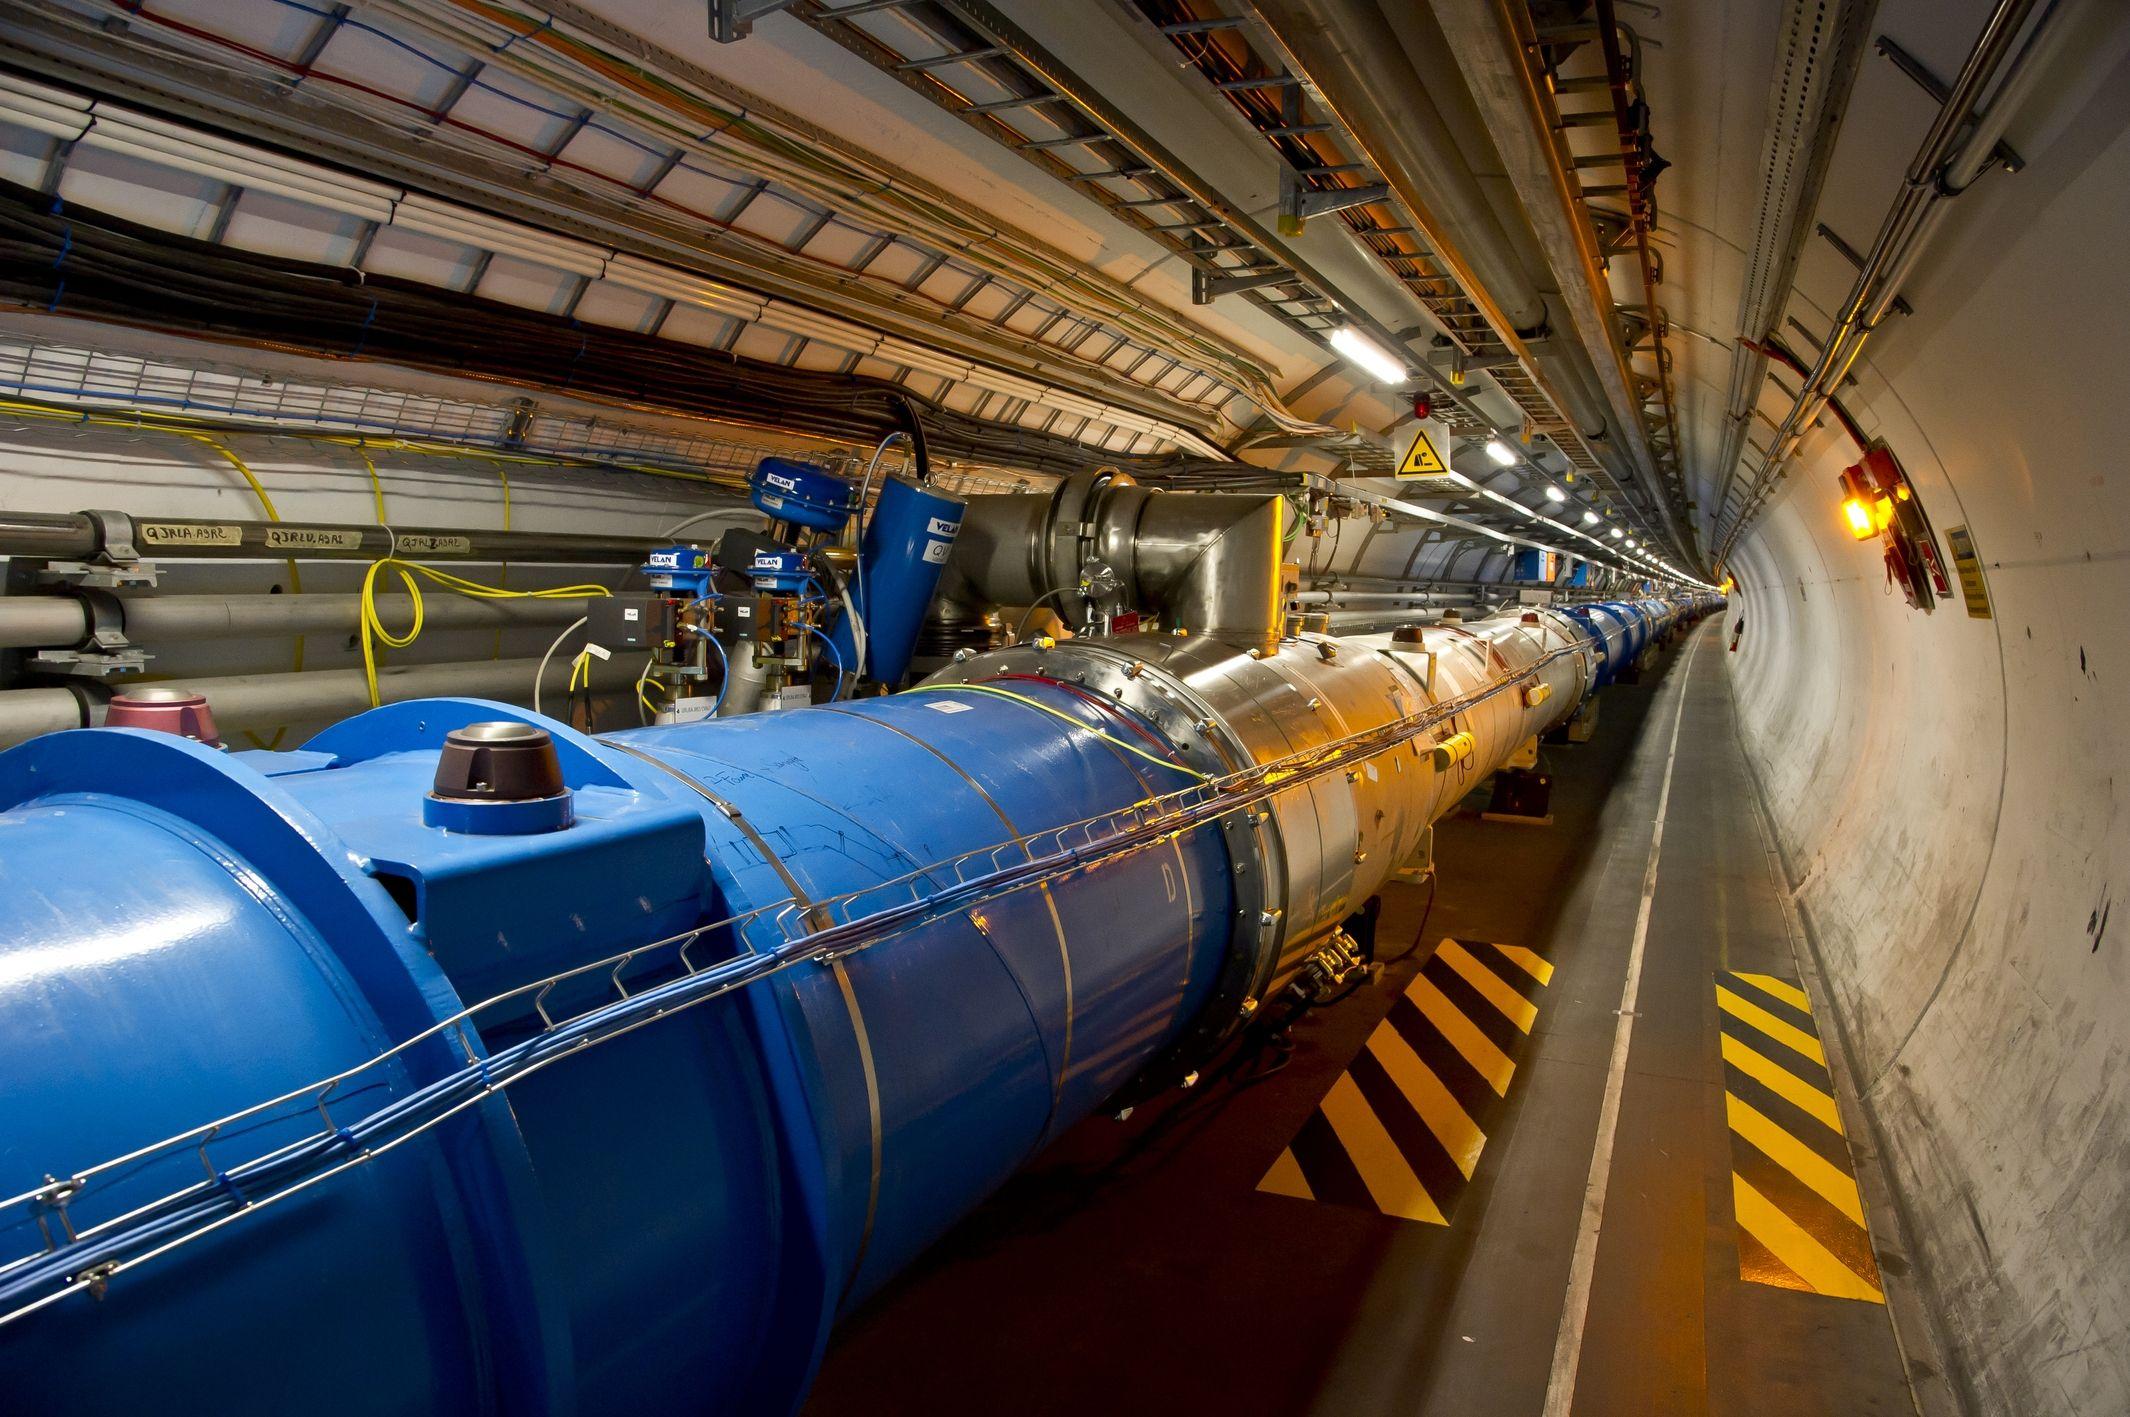 El CERN planea la construcción de un colisionador de partículas tres veces más grande que el LHC. Allí donde el túnel circular del LHC se extiende 27 kilómetros, el circuito del FCC mediría entre 80 y 100 kilómetros.